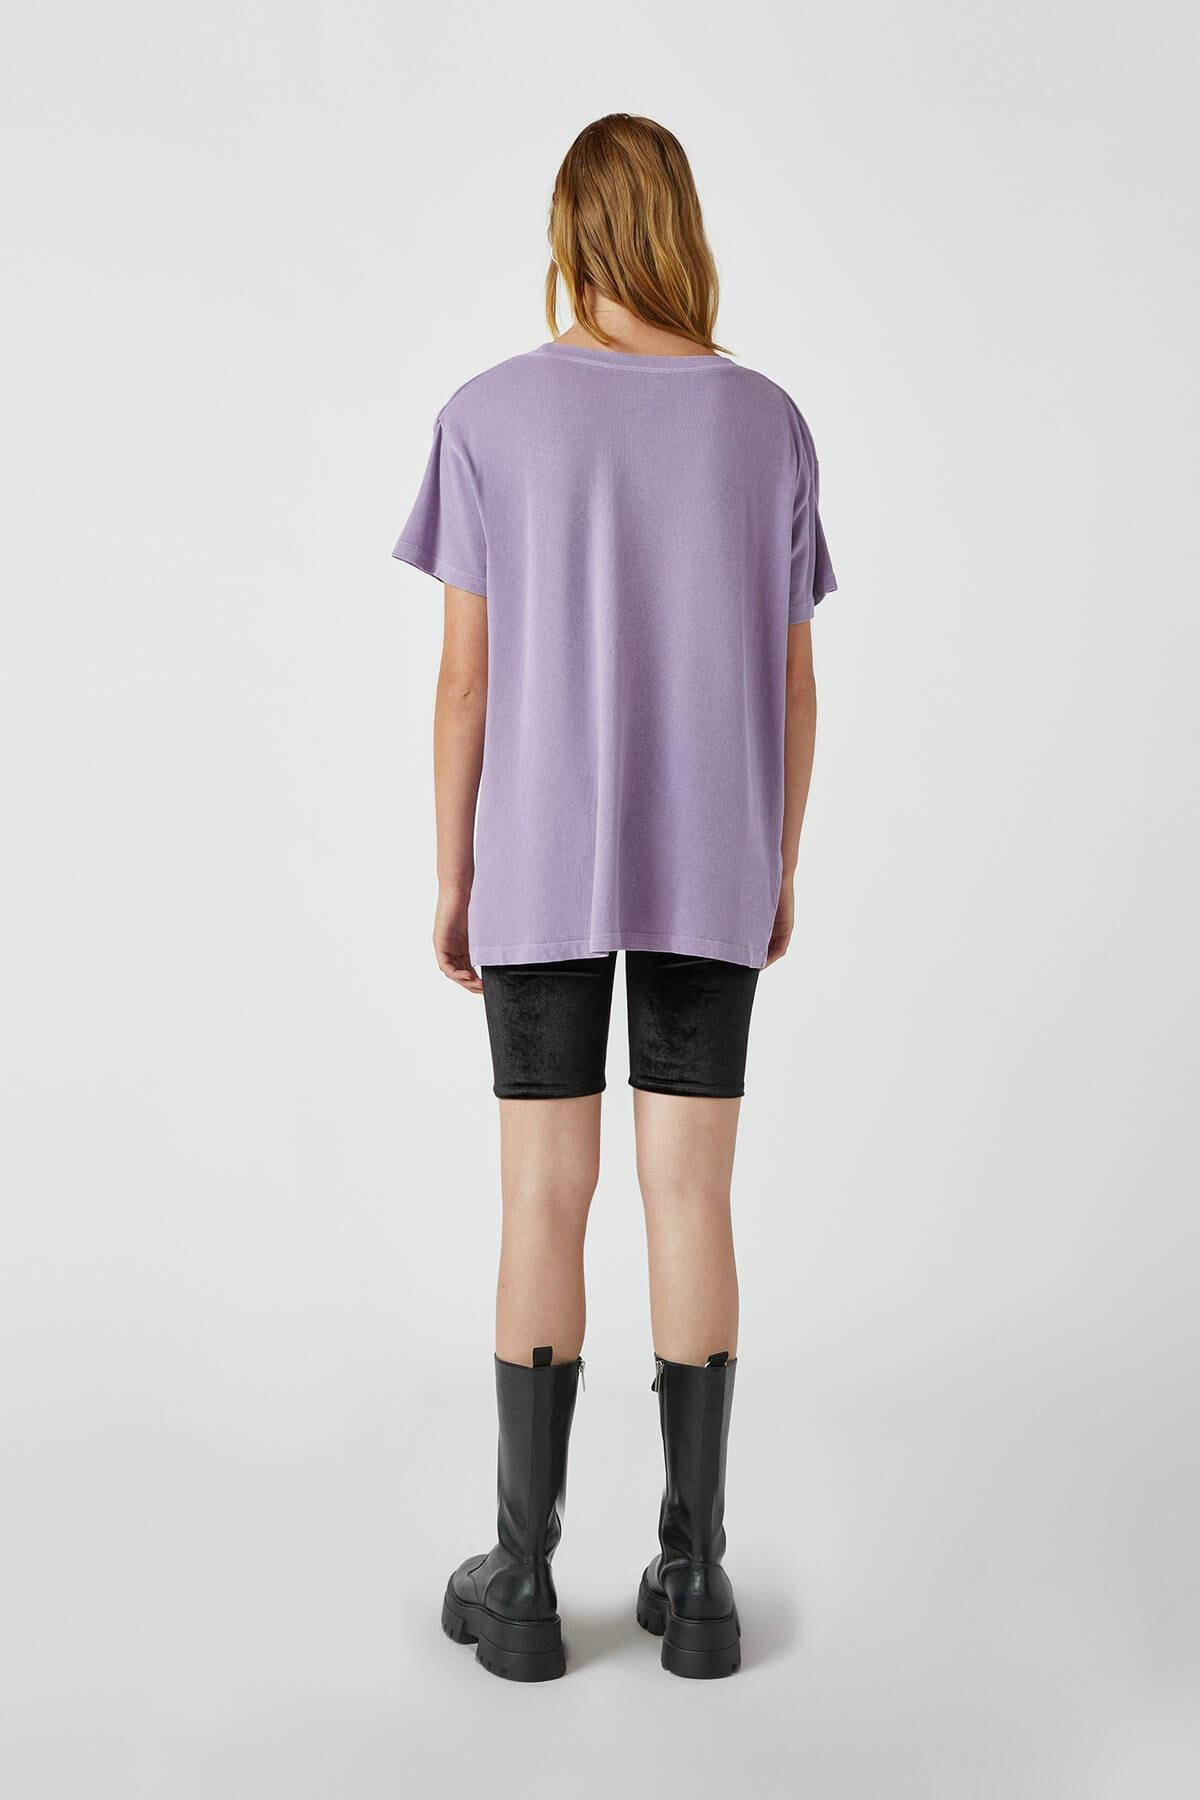 Pull & Bear Kadın Koyu Mor Soluk Efektli Basic Oversize T-Shirt 05236365 2